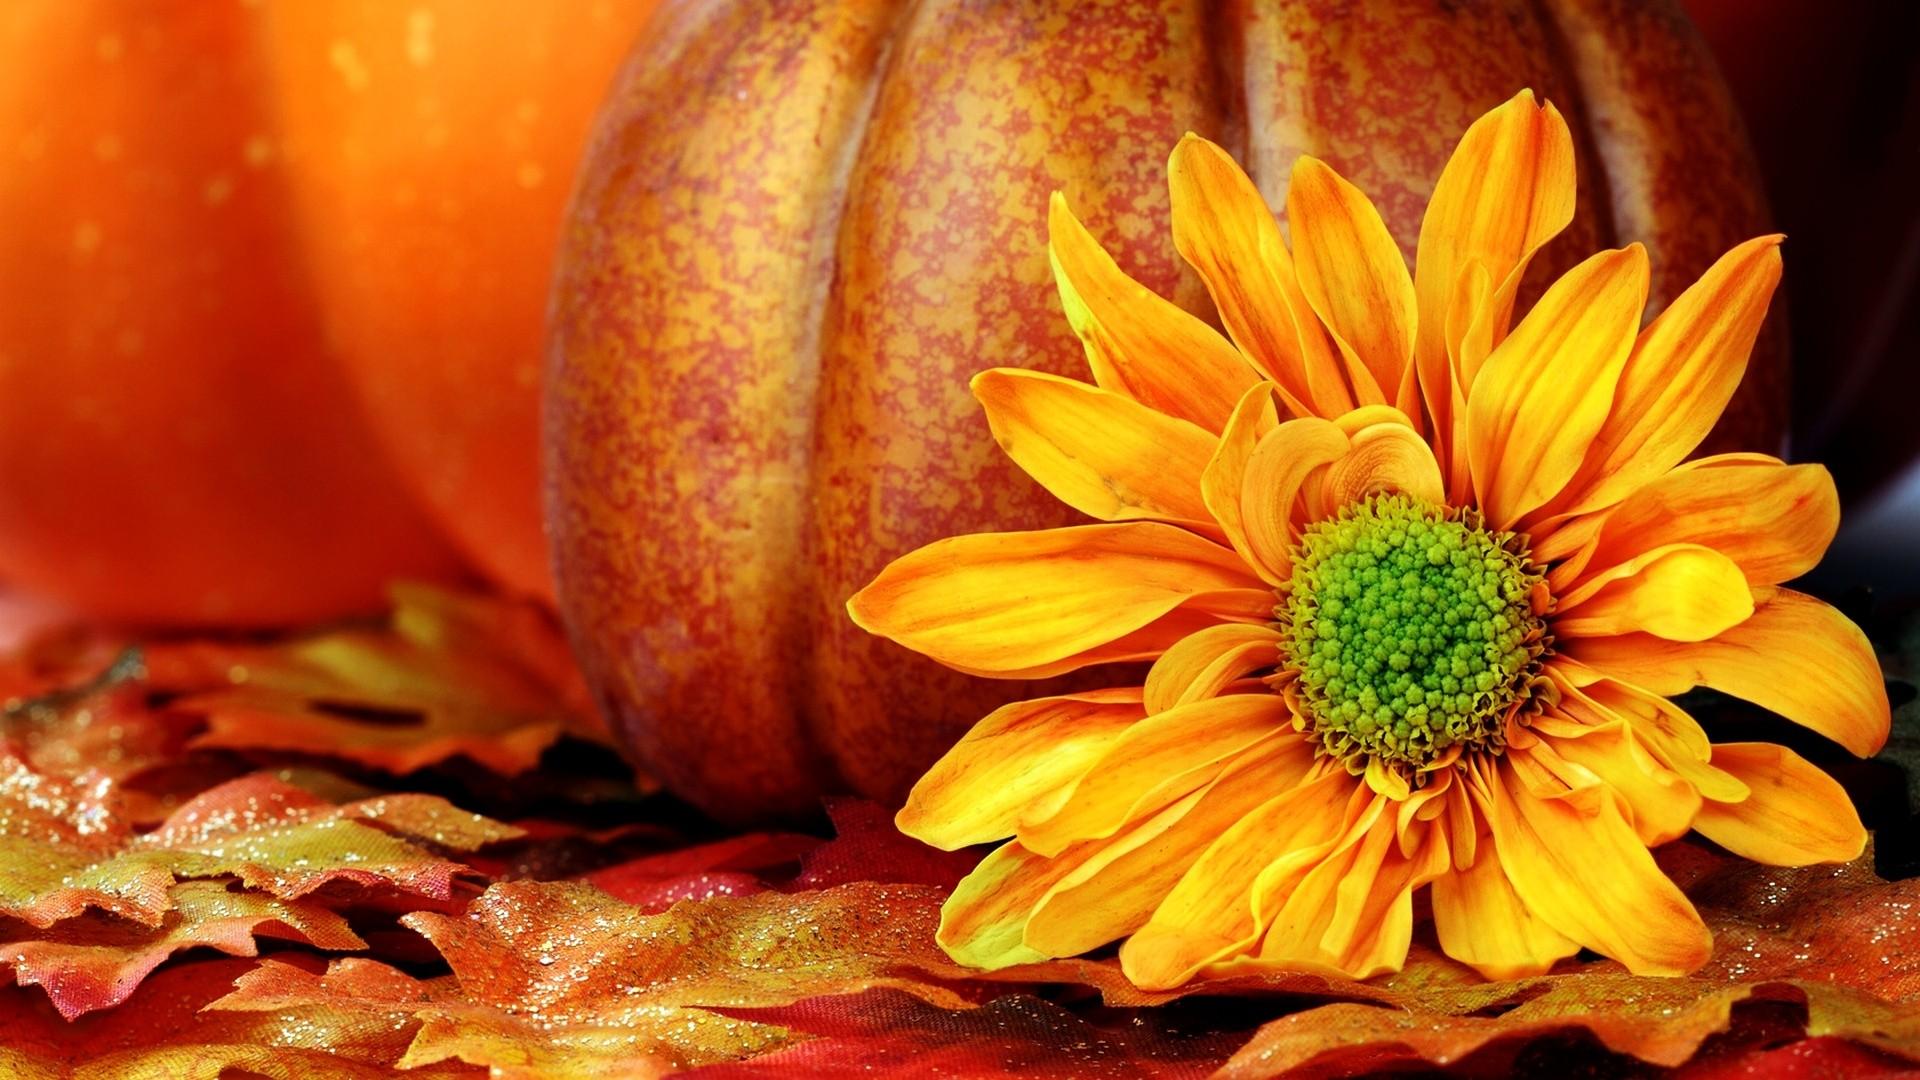 Backgrounds For 3d Fall Pumpkin Desktop Backgrounds Www .